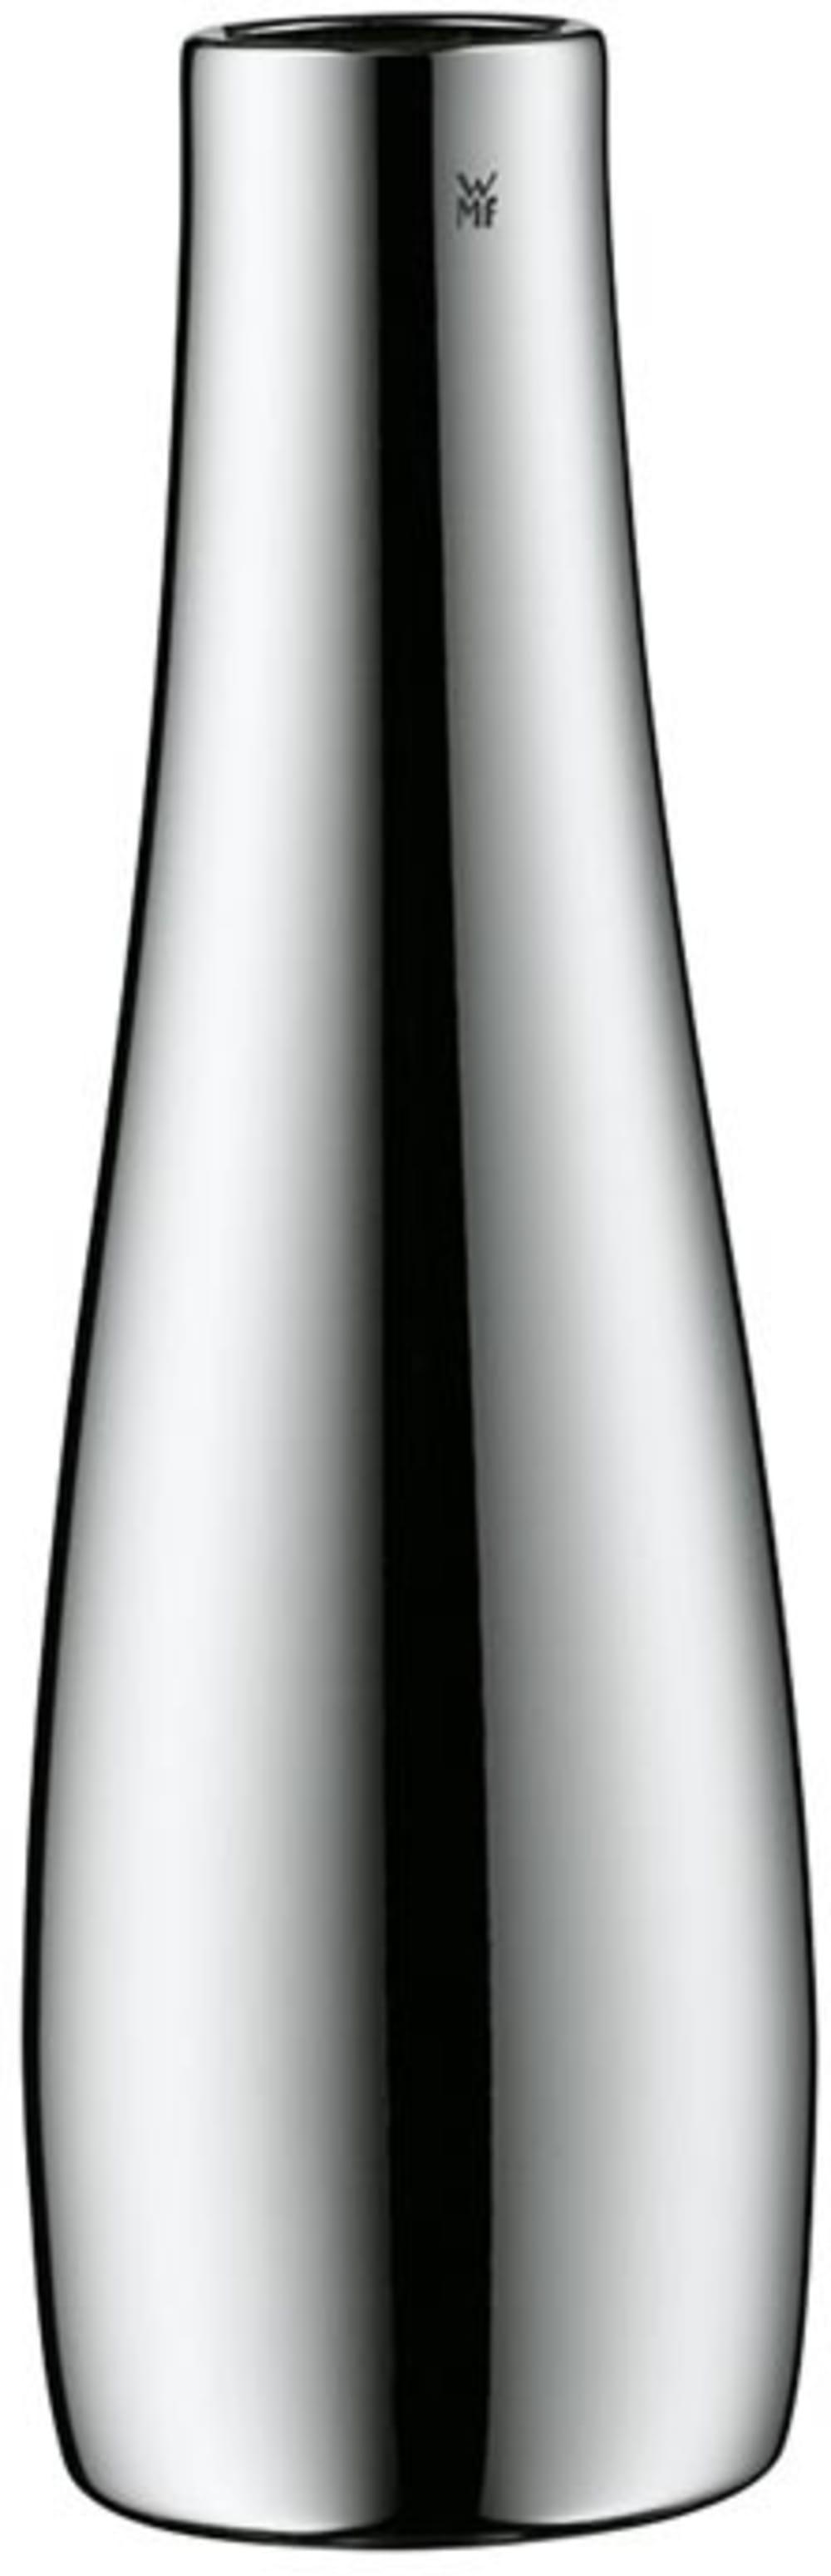 WMF - Wazon, Tavola